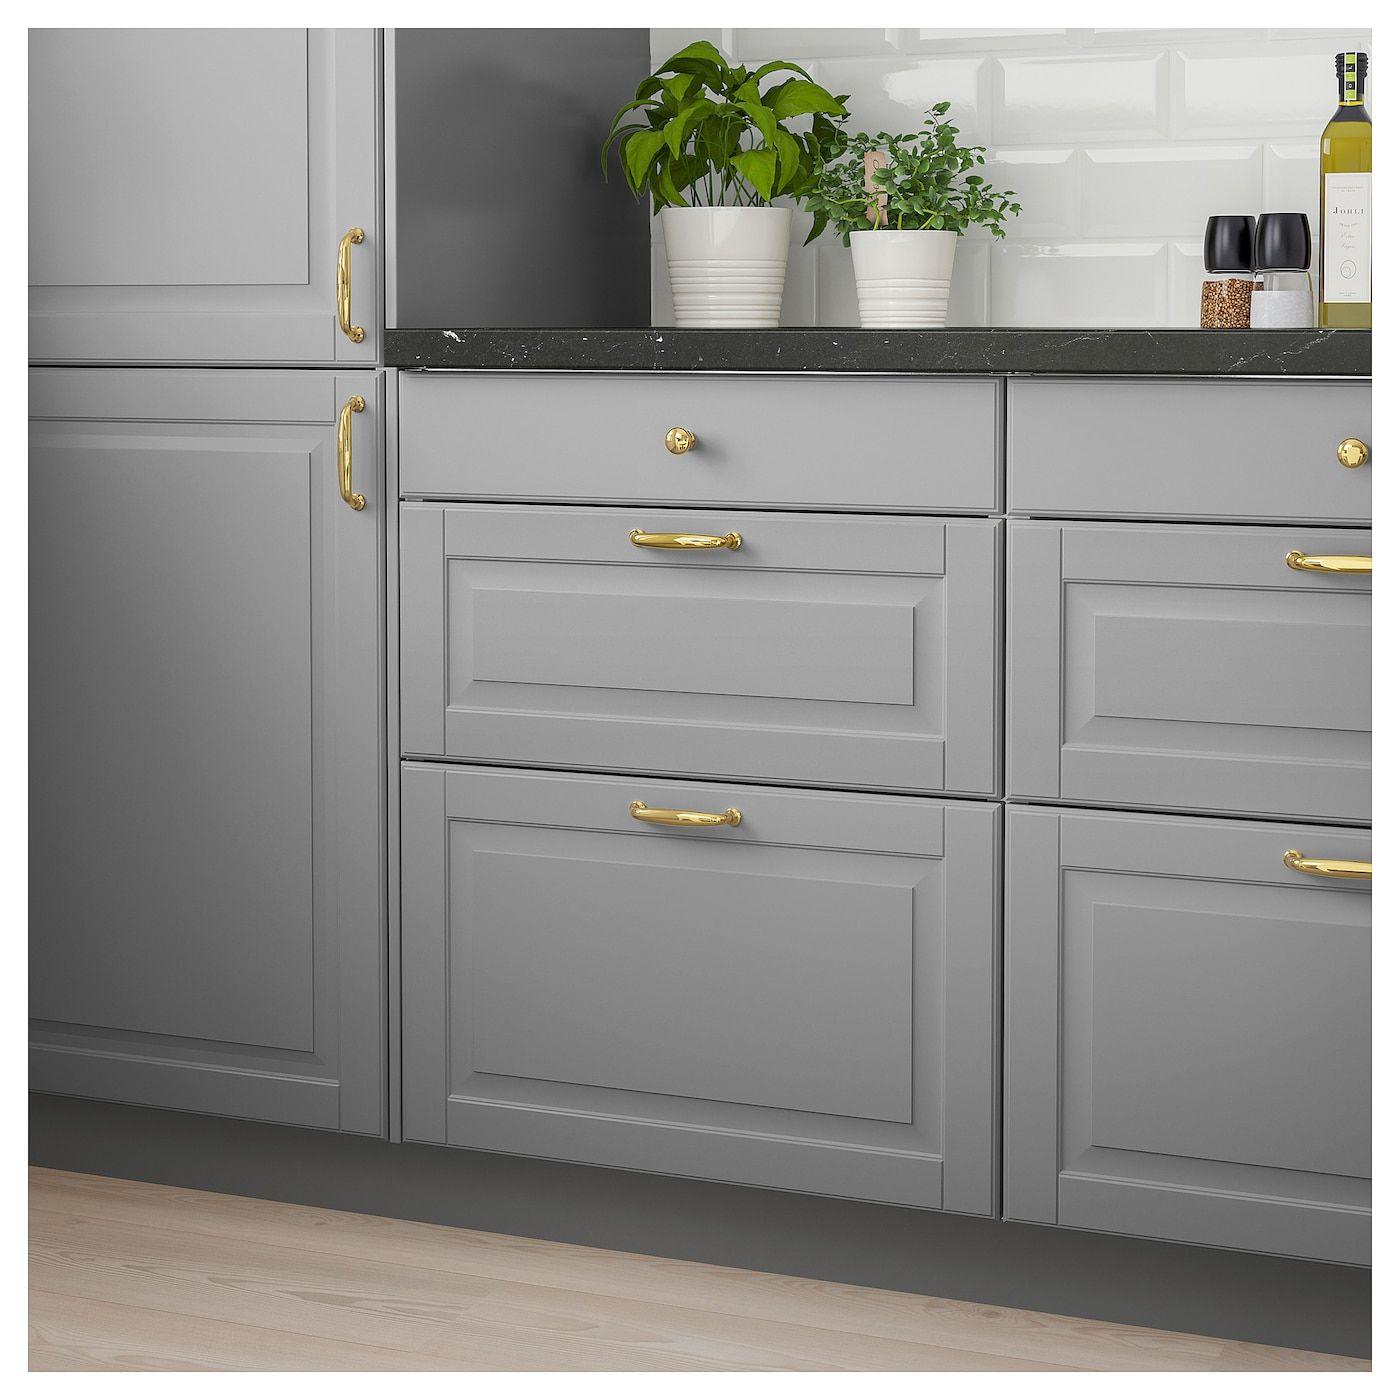 Ikea Bathroom Cabinets Grey